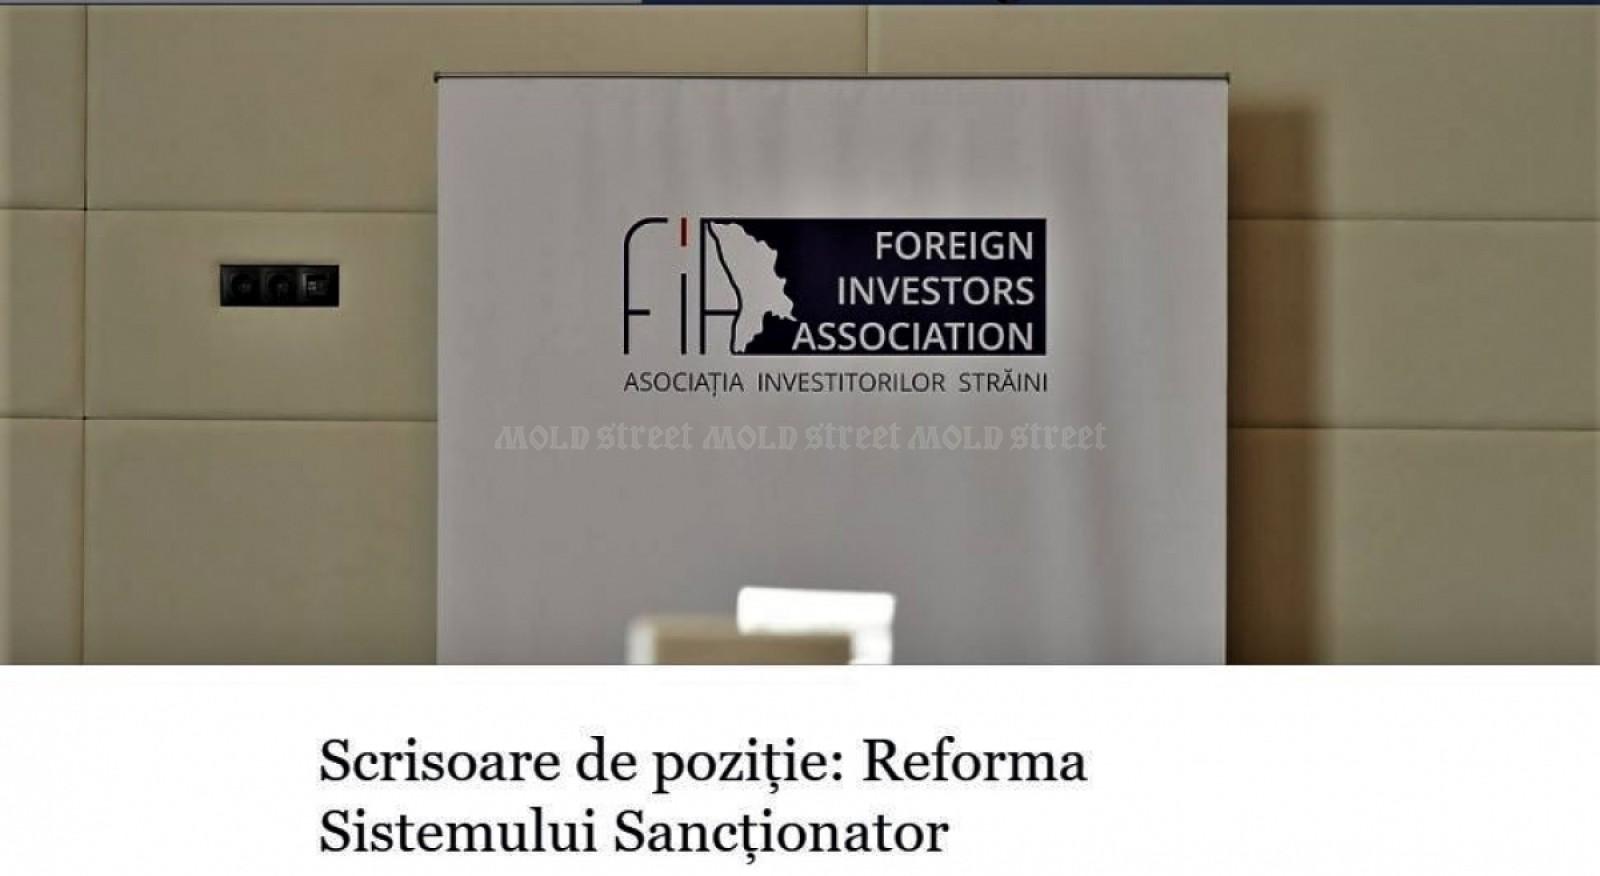 Mold-street: Investitorii străini sunt îngrijorați că Guvernul îi poate salva pe cei care au furat miliardul